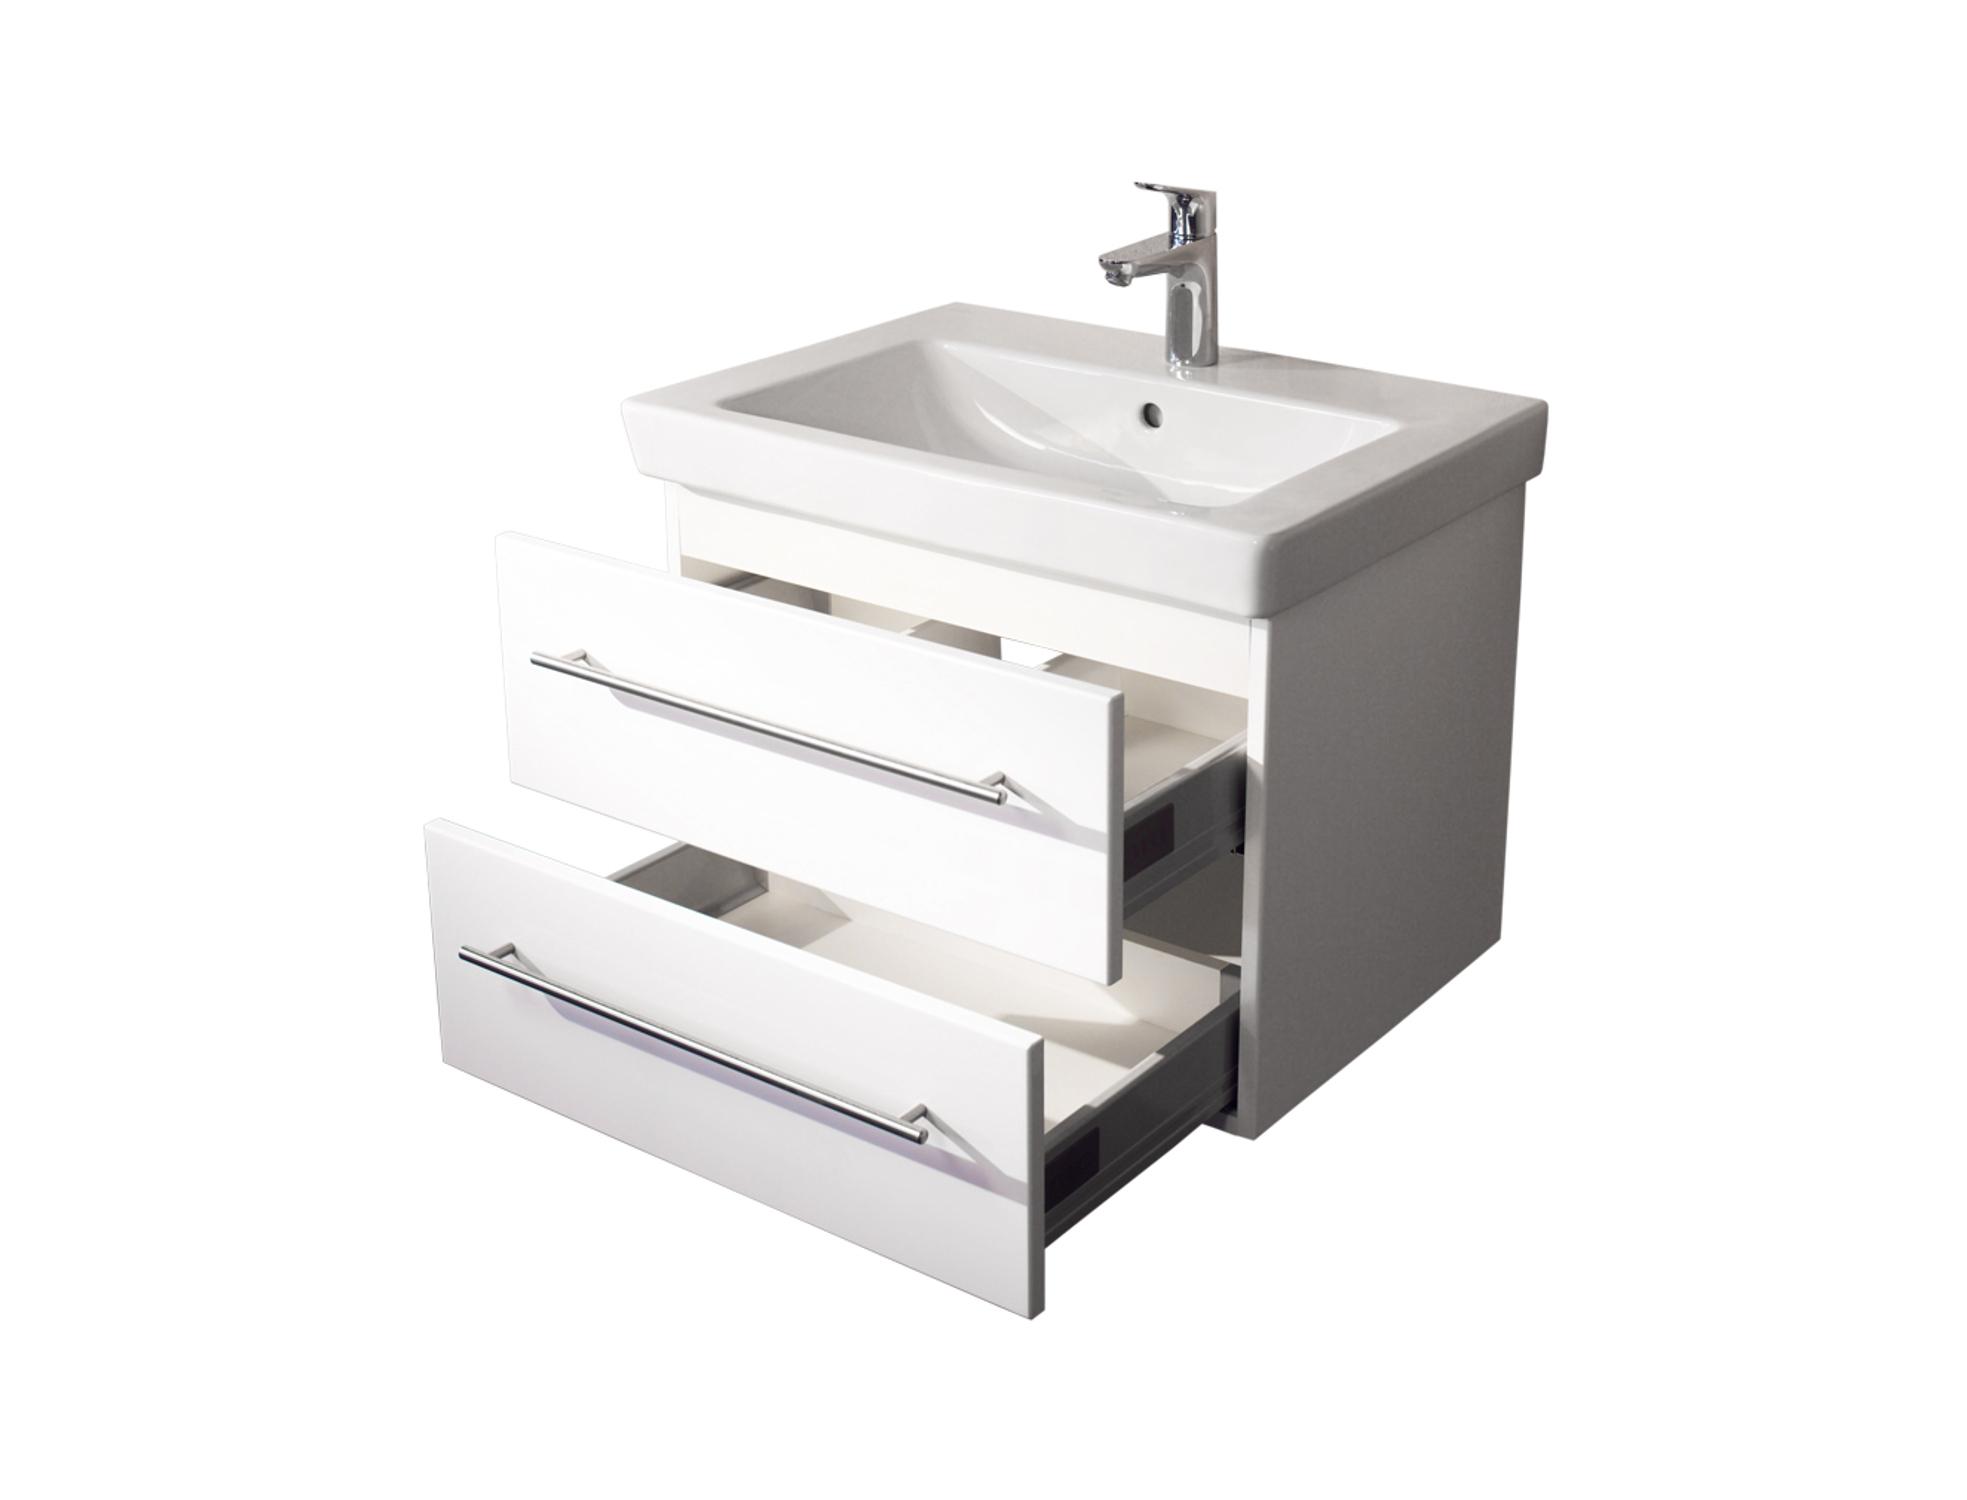 bad waschtisch mit villeroy boch becken subway 2 0 65. Black Bedroom Furniture Sets. Home Design Ideas